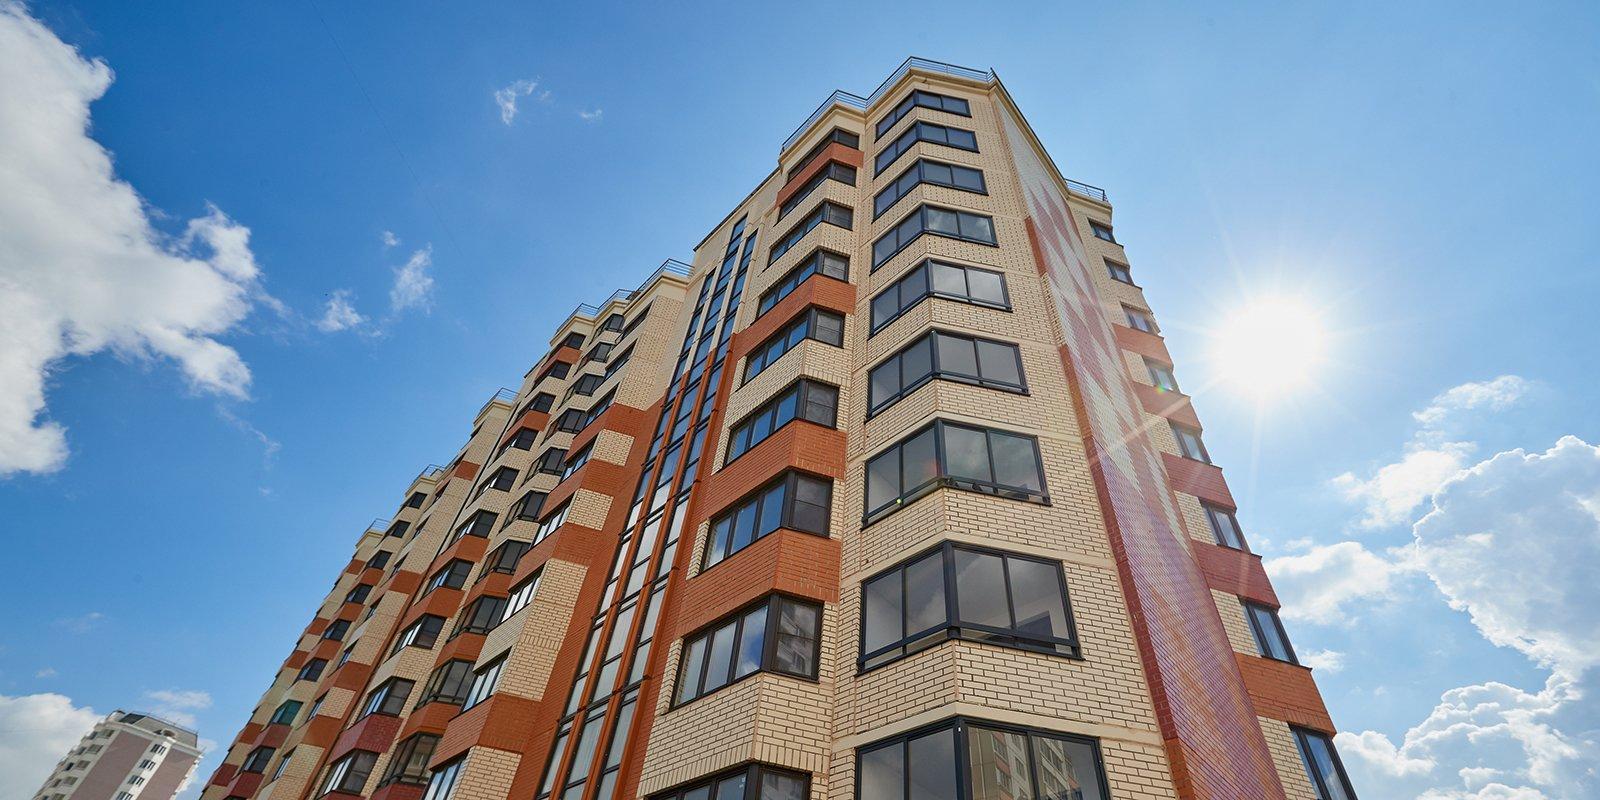 Жители Южного Бутова переезжают в новые квартиры по программе реновации